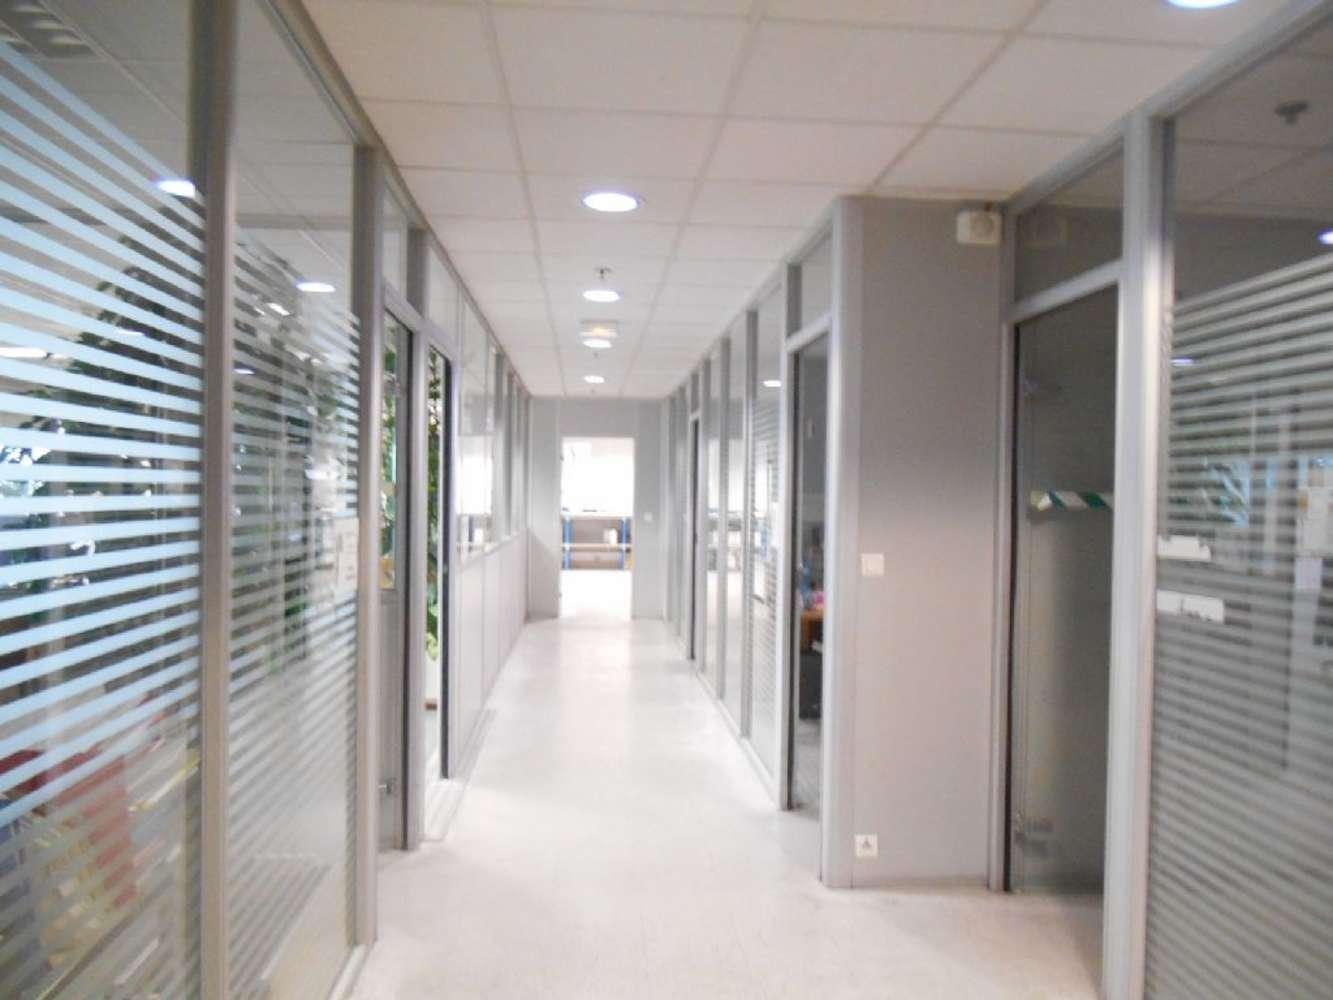 Activités/entrepôt Rillieux la pape, 69140 - Location locaux d'activité Rillieux - 9630237